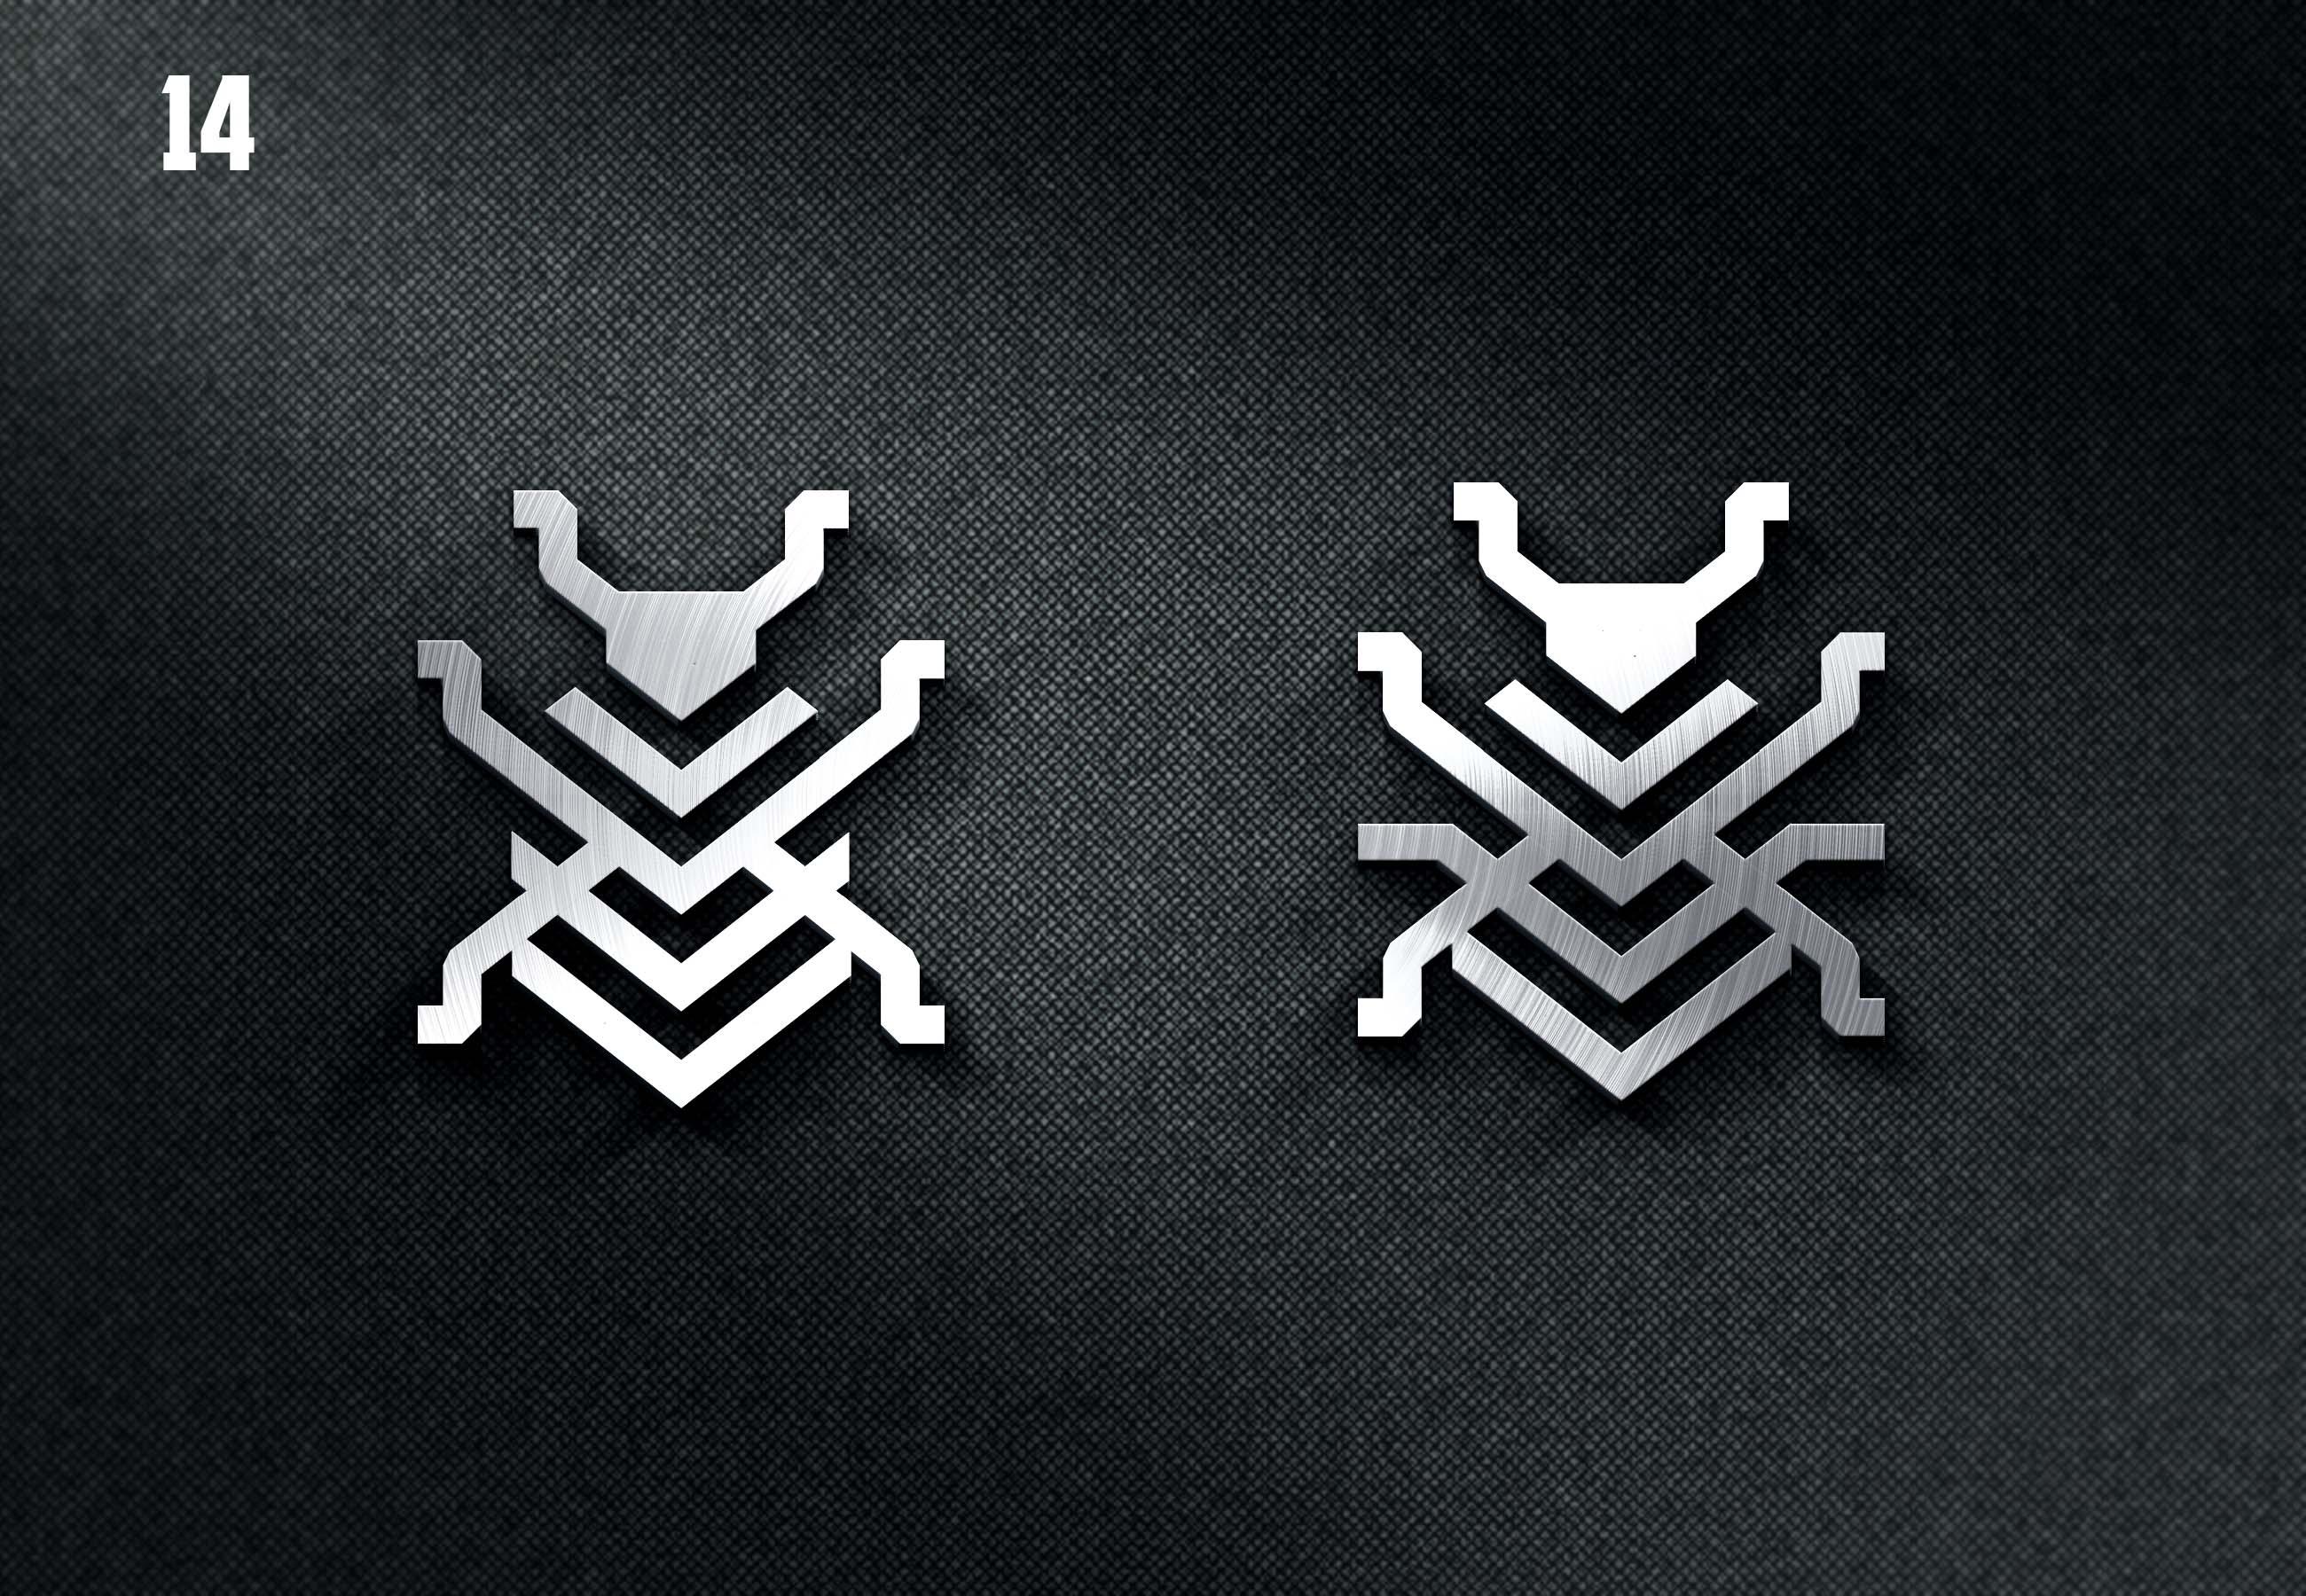 Нужен логотип (эмблема) для самодельного квадроцикла фото f_6735b1033f00a7f8.jpg